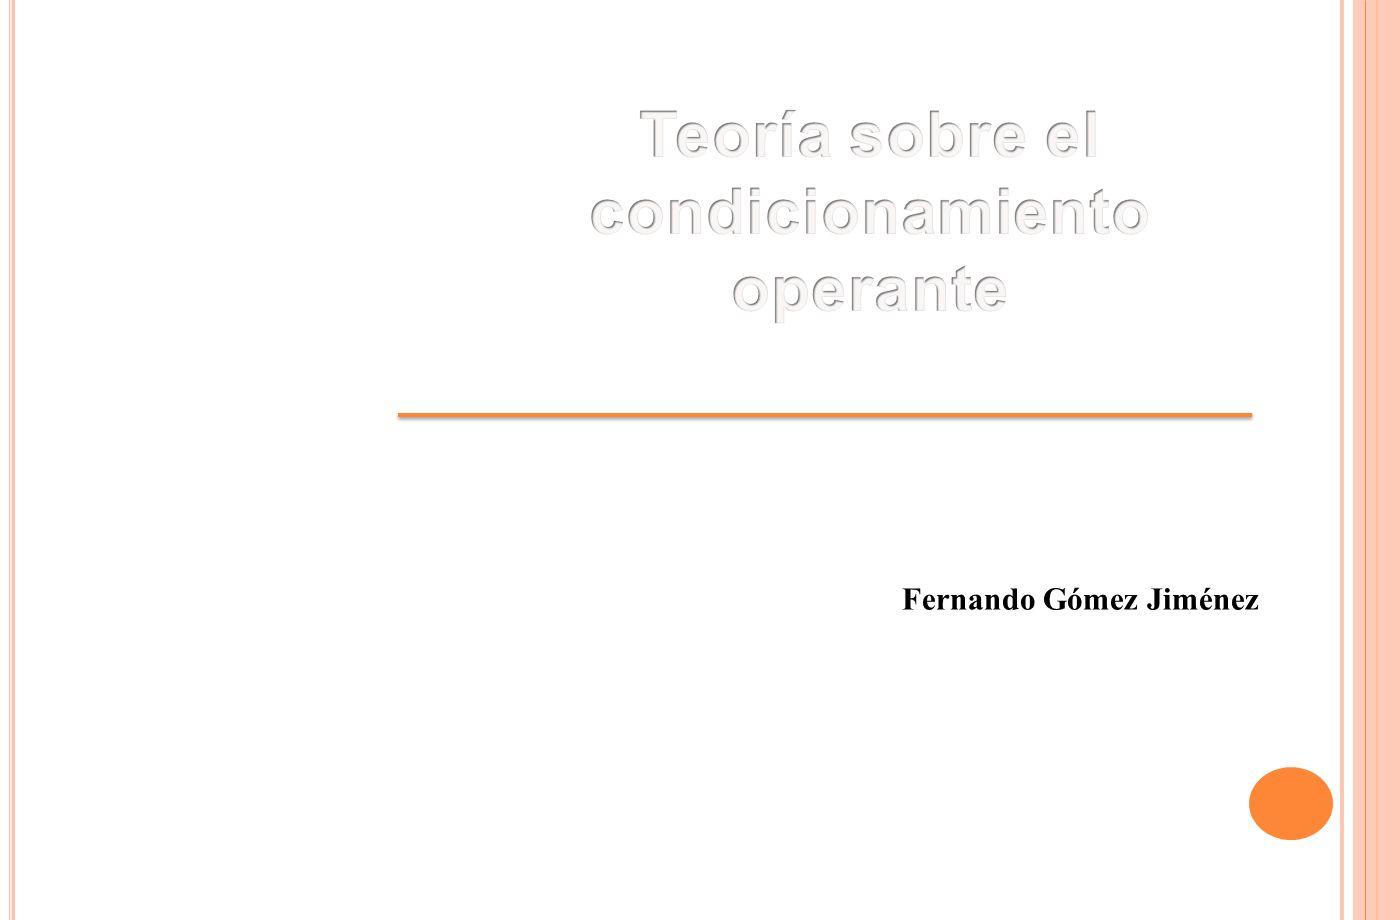 Fernando Gómez Jiménez